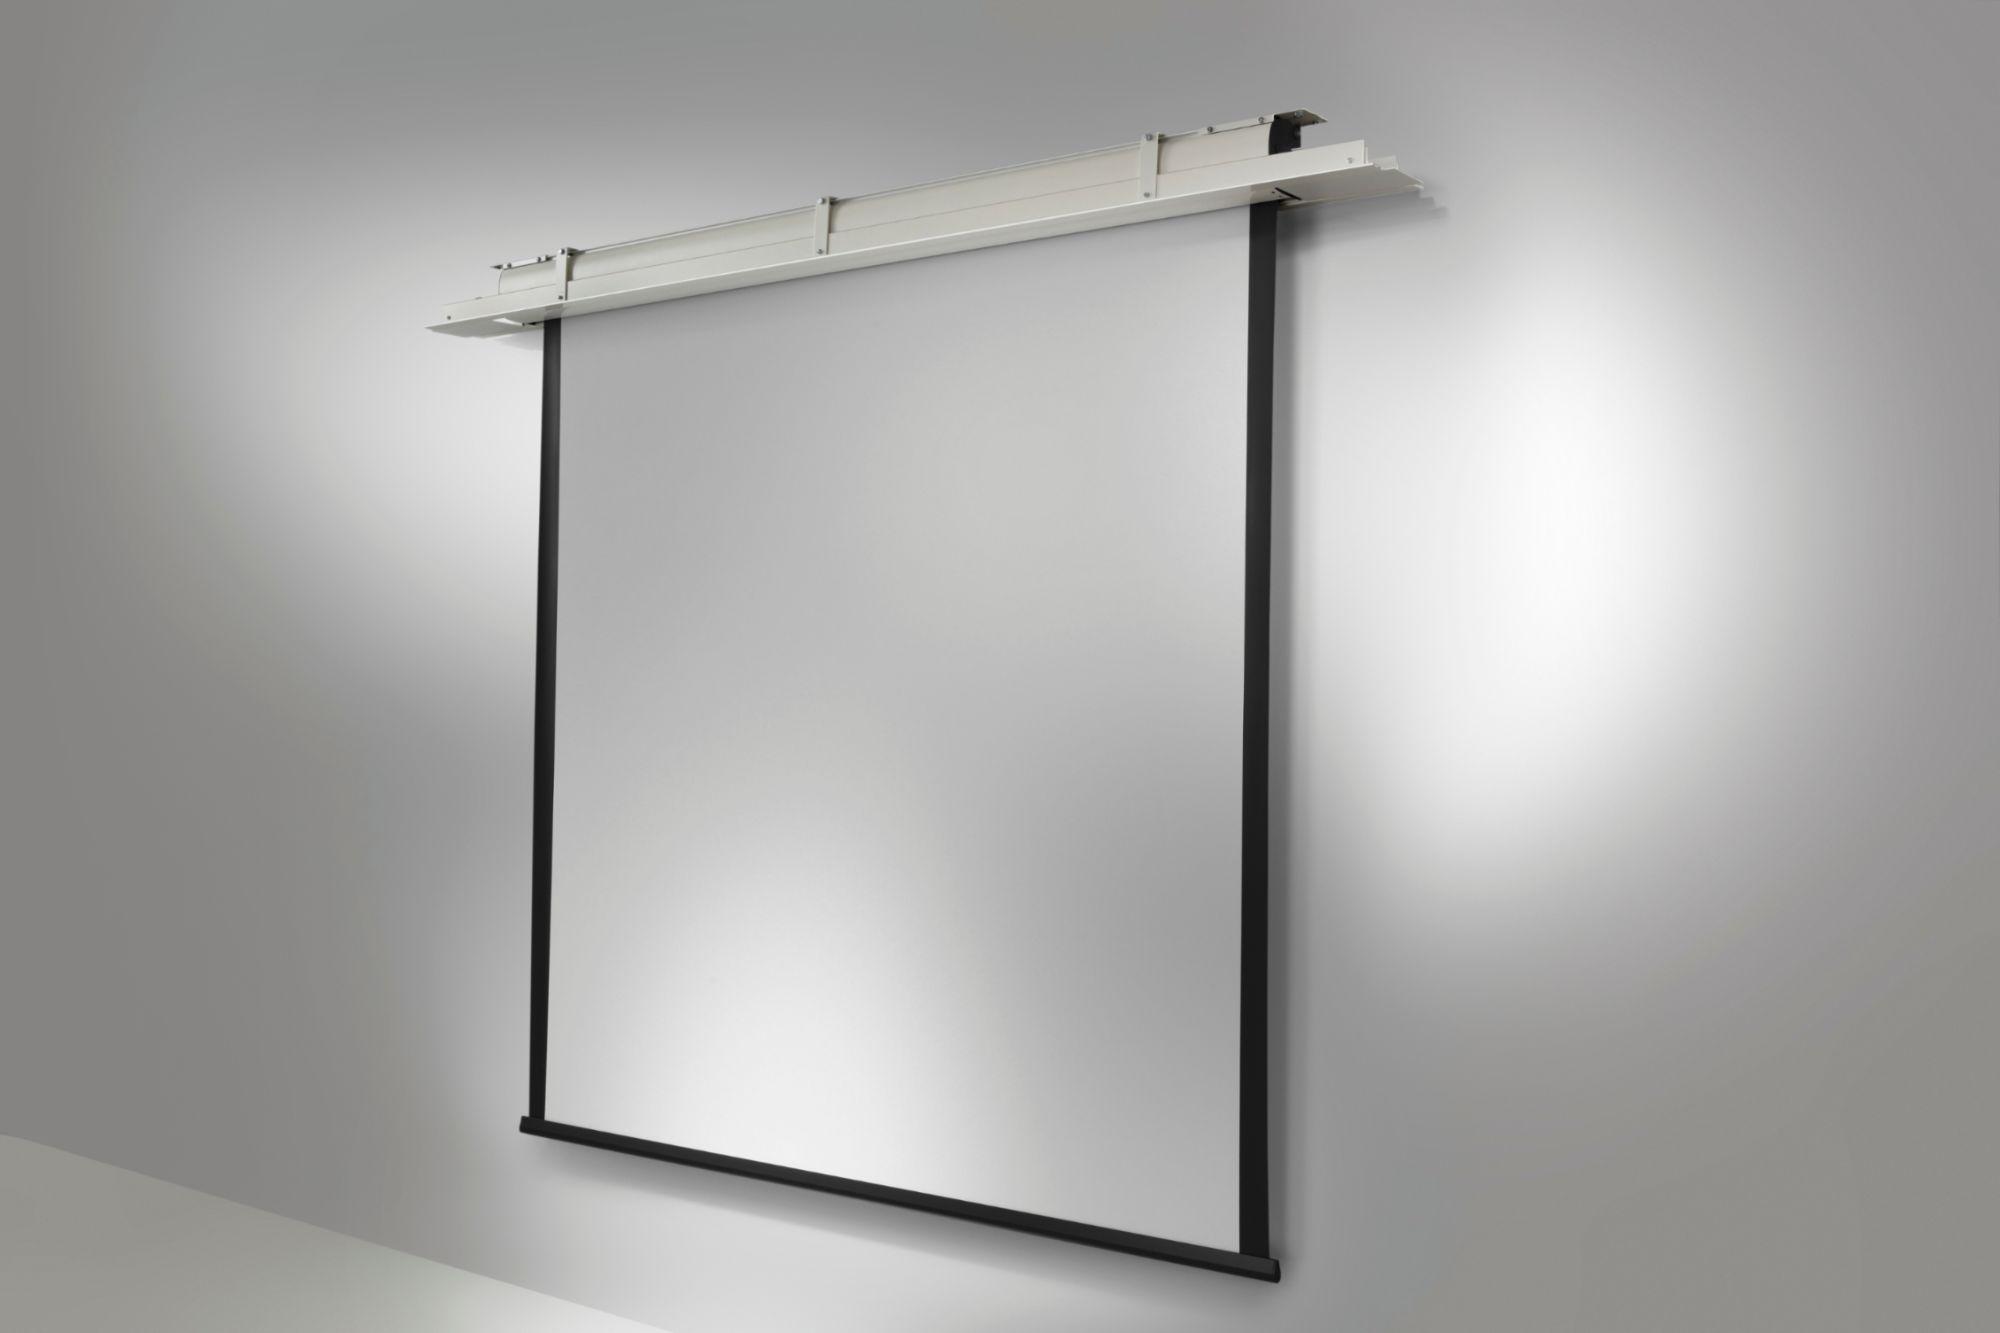 Celexon ecran de projection economy motoris 220 x 124 cm - Ecran de projection encastrable plafond ...